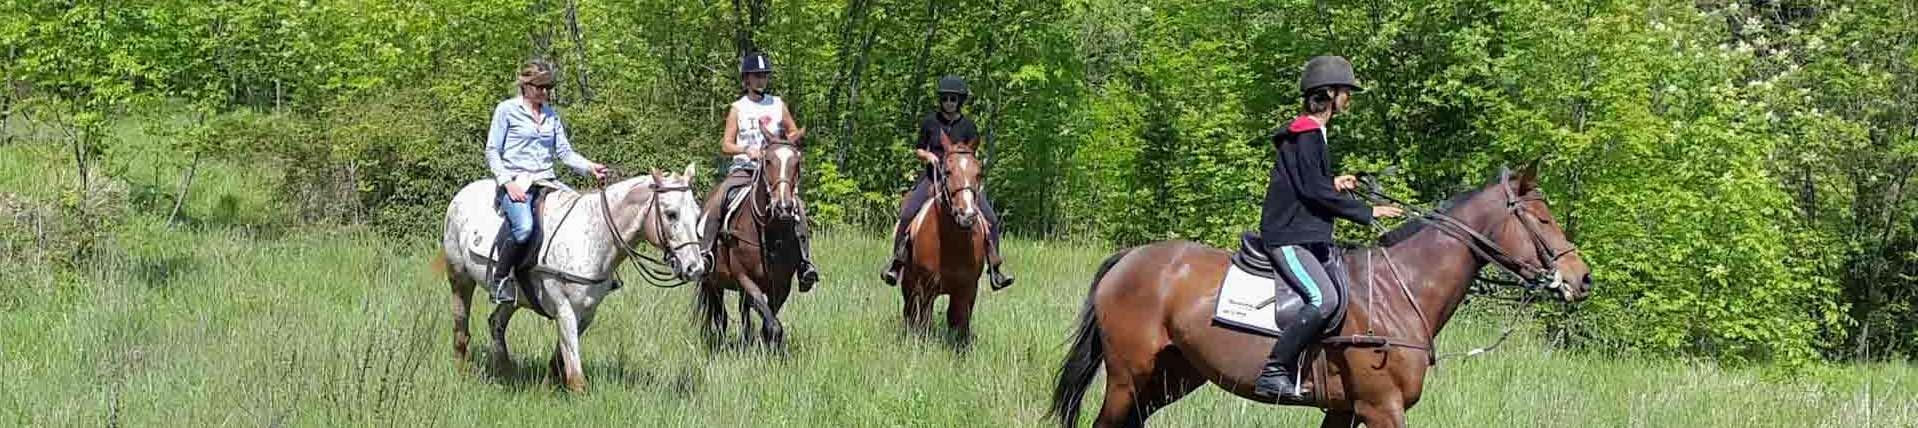 Sport-outdoor-equitazione-finale-ligure-passeggiate-cavallo-liguria-Residenza-Adelaide-001